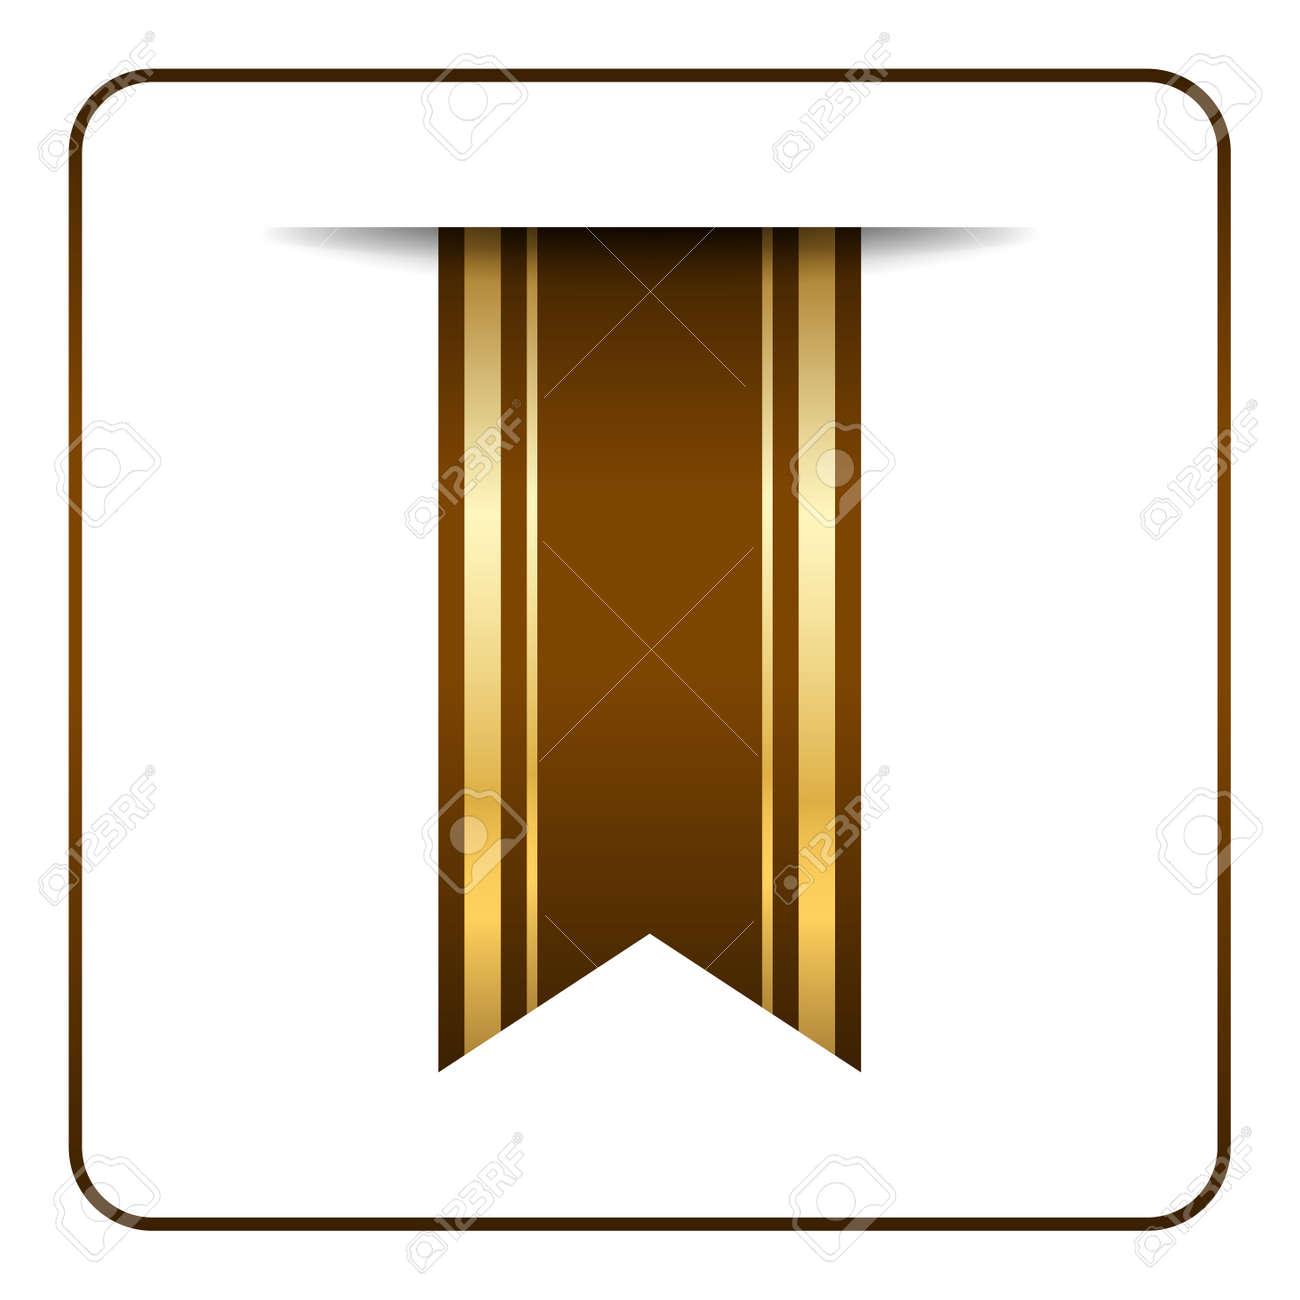 Brown Und Gold Lesezeichen Banner. Vertikale Buchzeichen, Isoliert ...